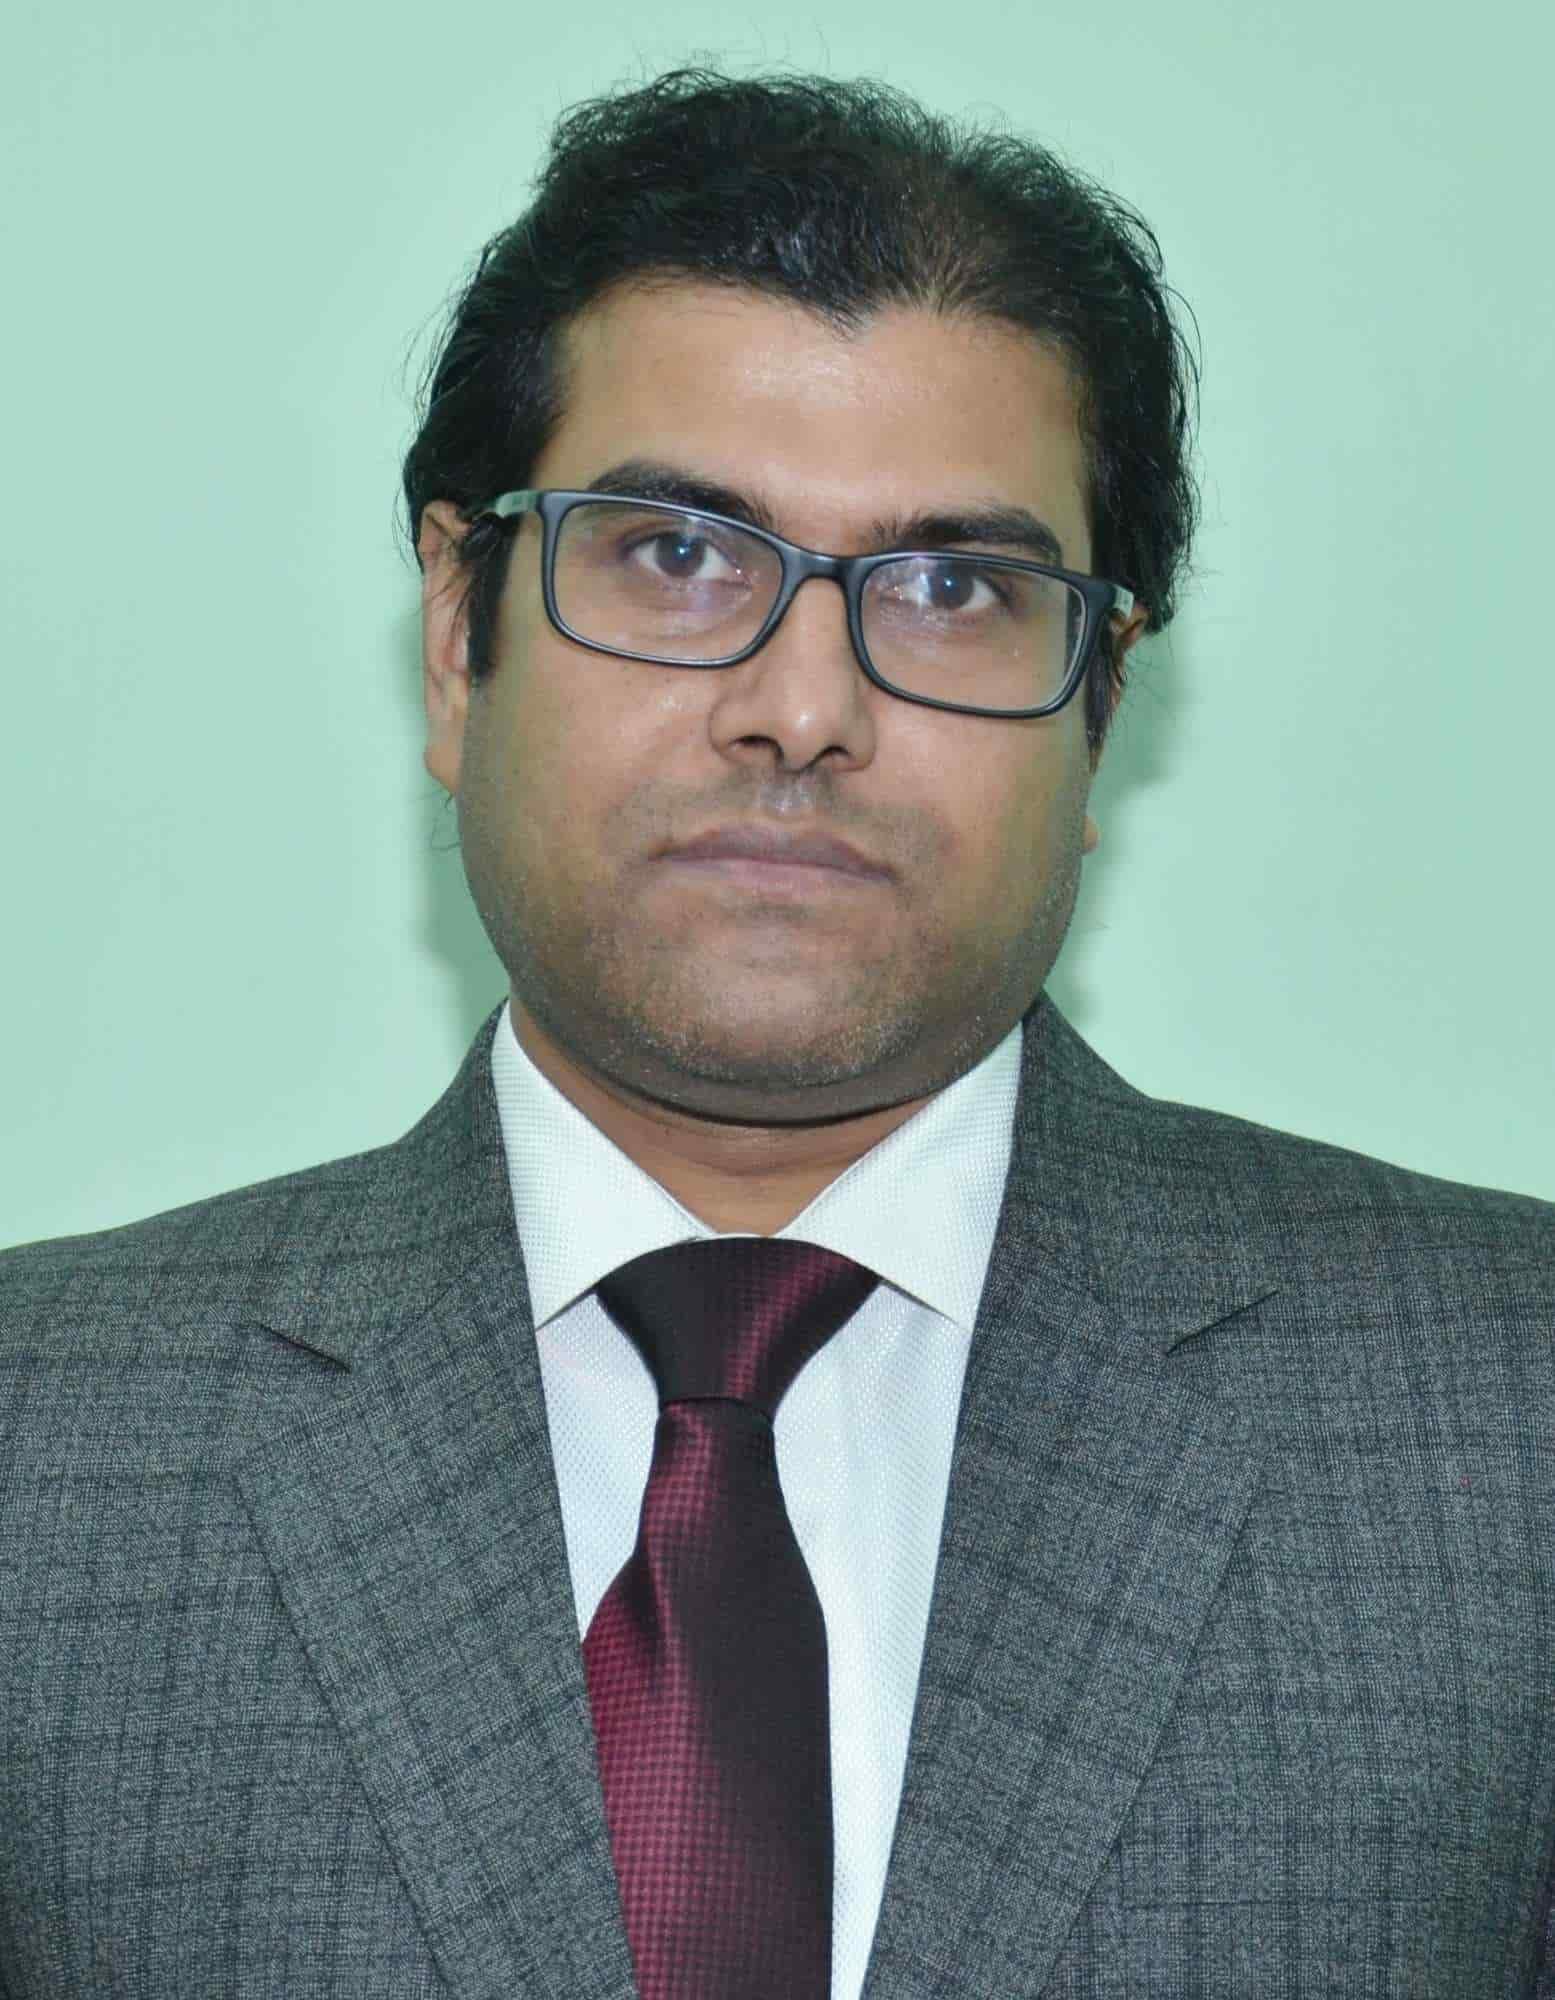 Top 10 Vertigo Doctors in Patna - Best Vertigo Clinics